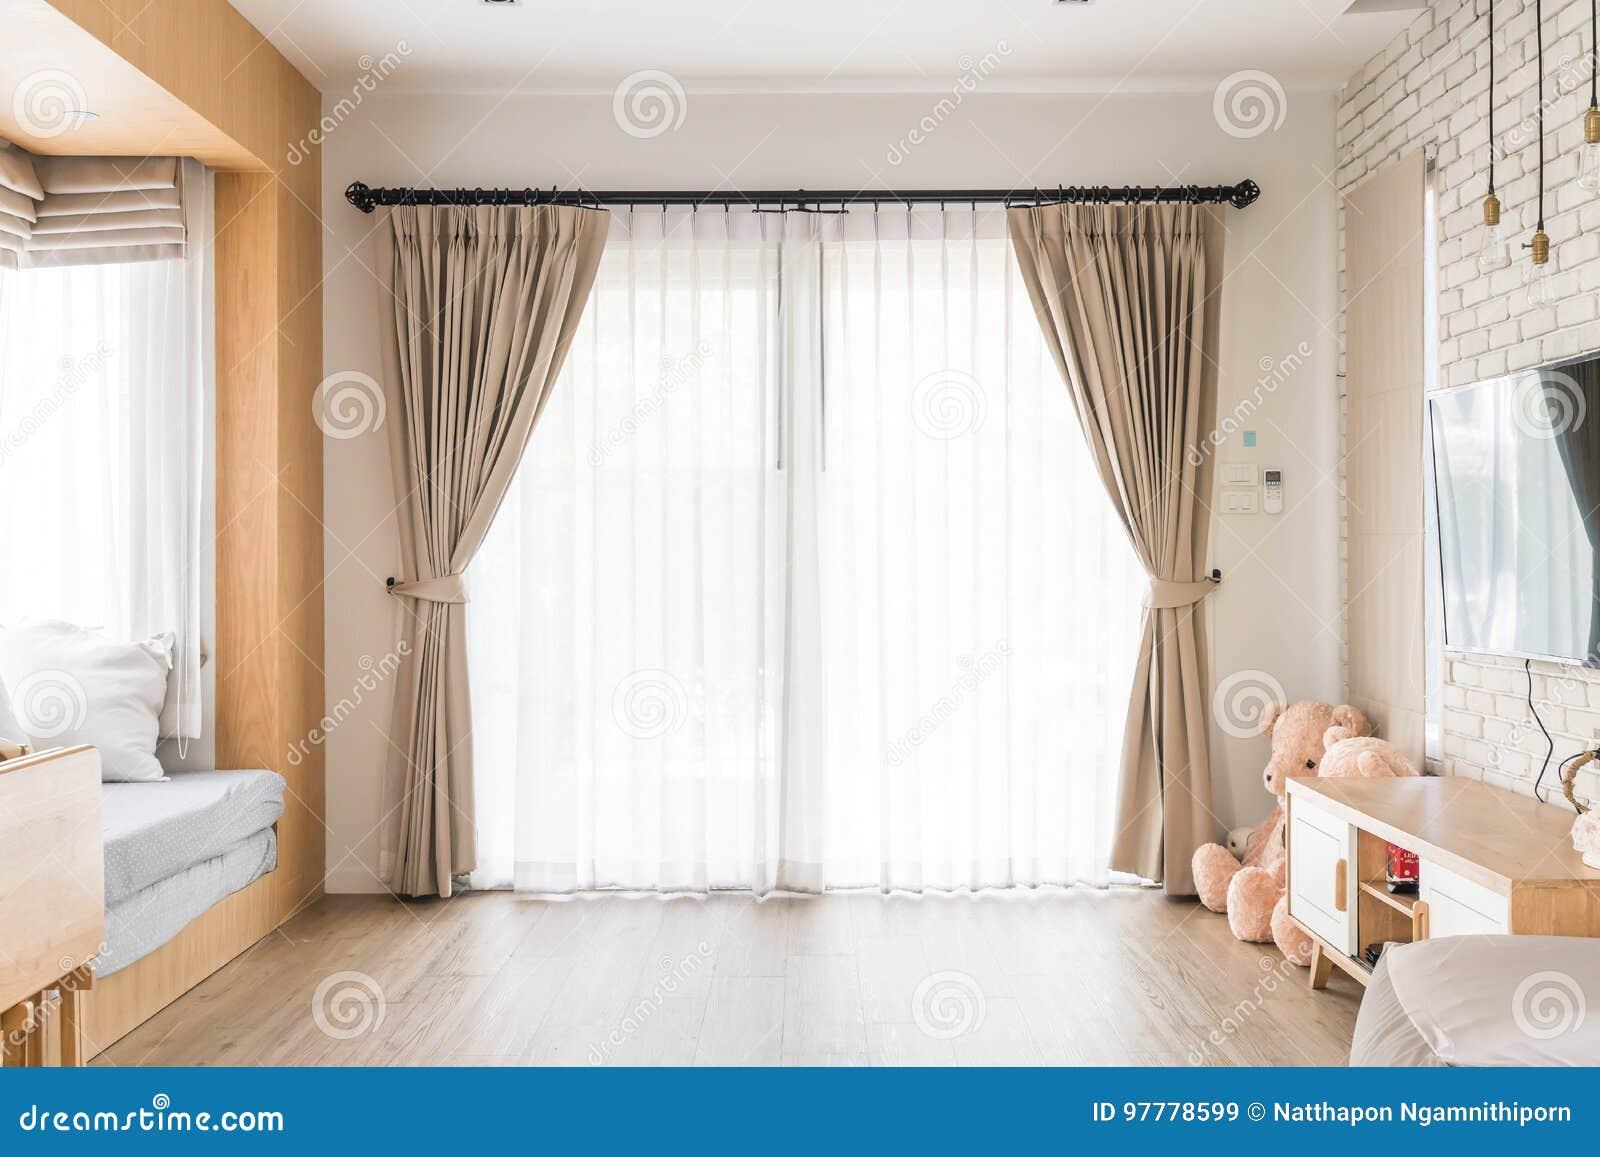 d coration int rieure de rideau dans le salon image stock. Black Bedroom Furniture Sets. Home Design Ideas